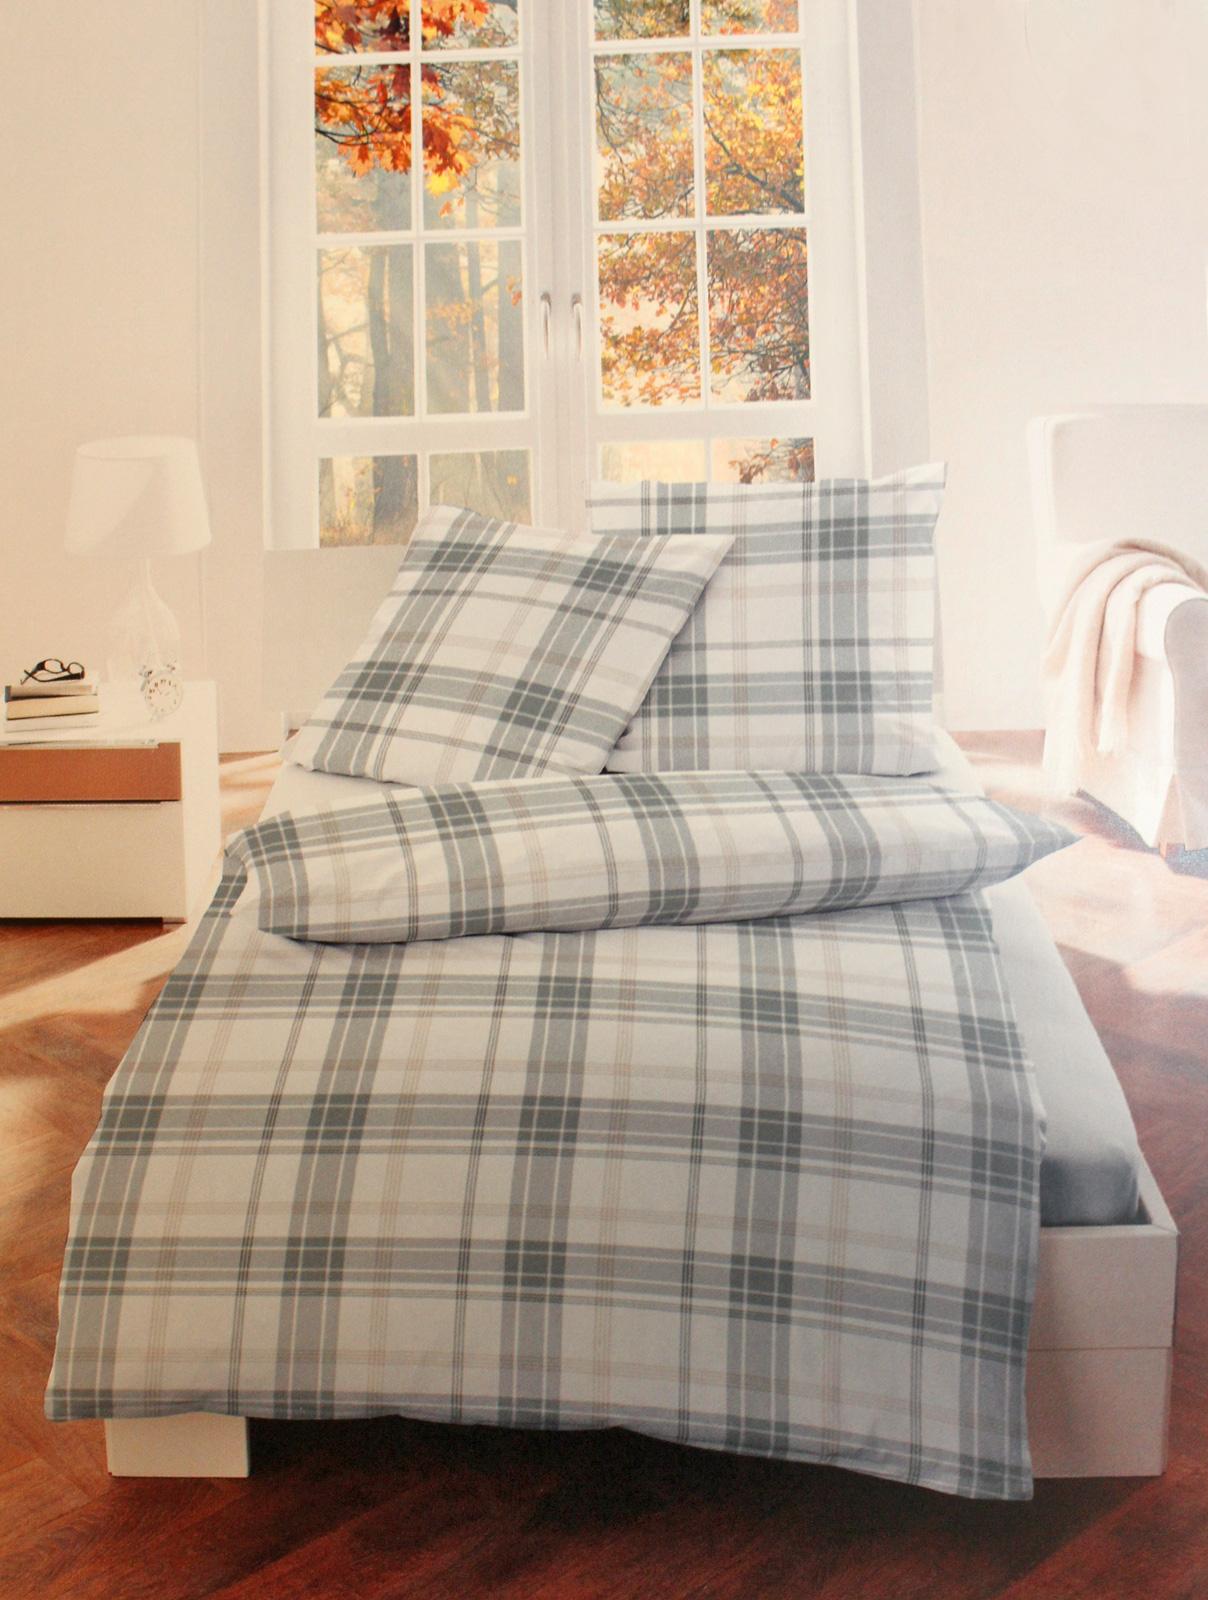 Bettwäsche - Bettwäsche Bettgarnitur Flanell Baumwolle 135x200 80x80 Karo taupe  - Onlineshop PremiumShop321